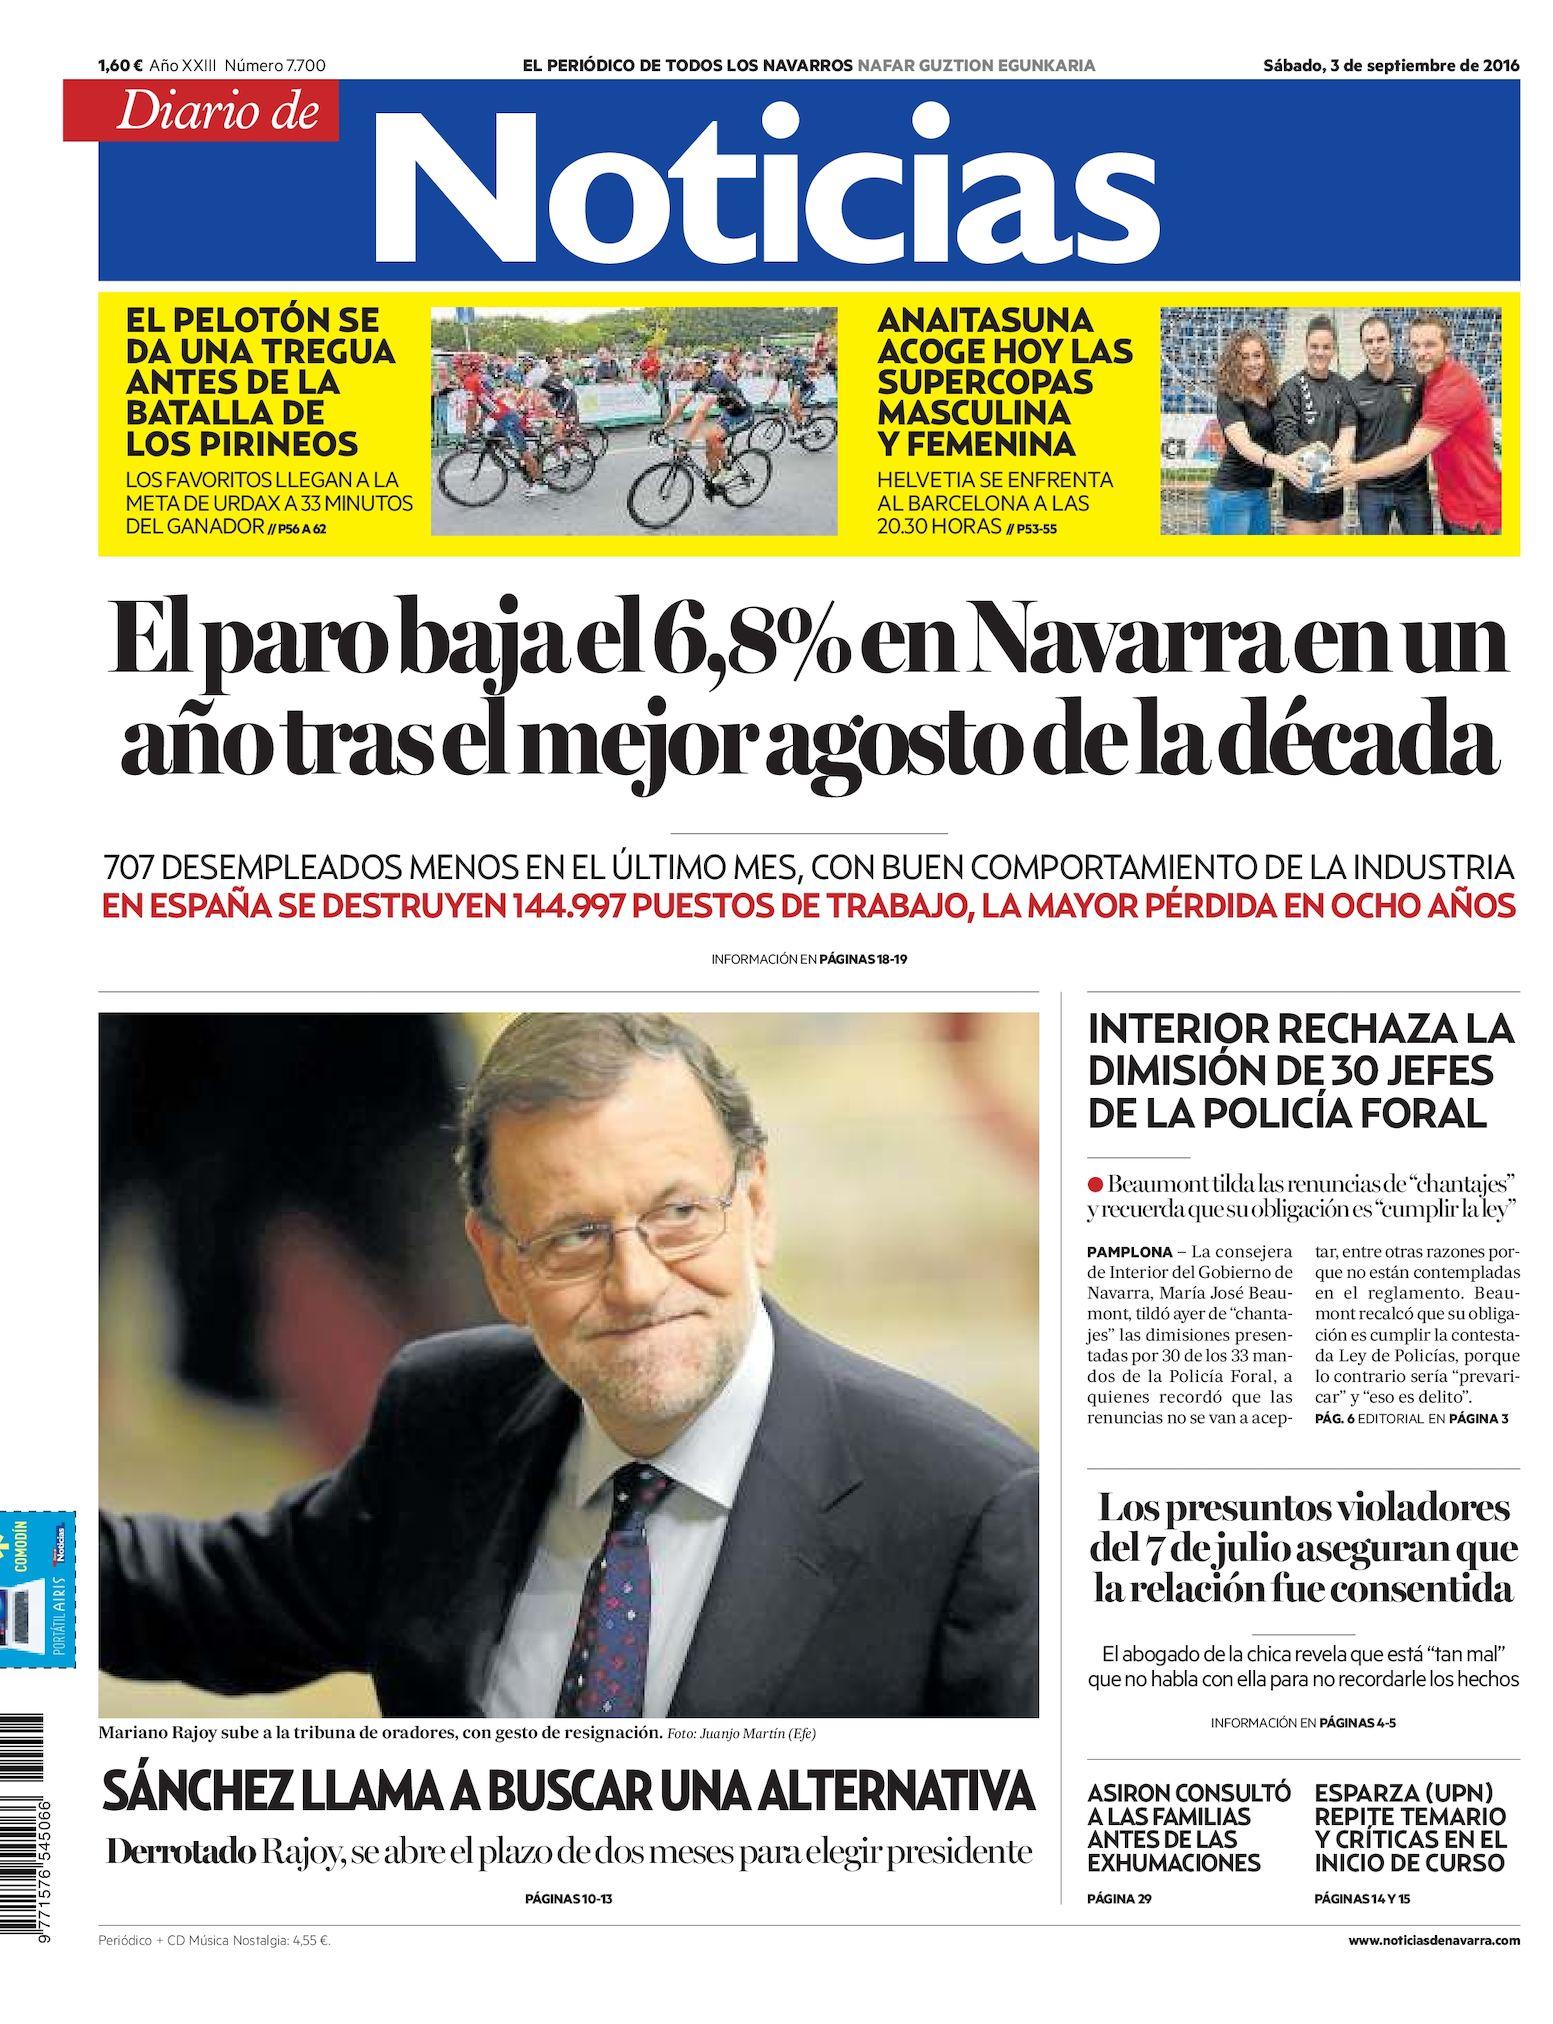 Calaméo - Diario de Noticias 20160903